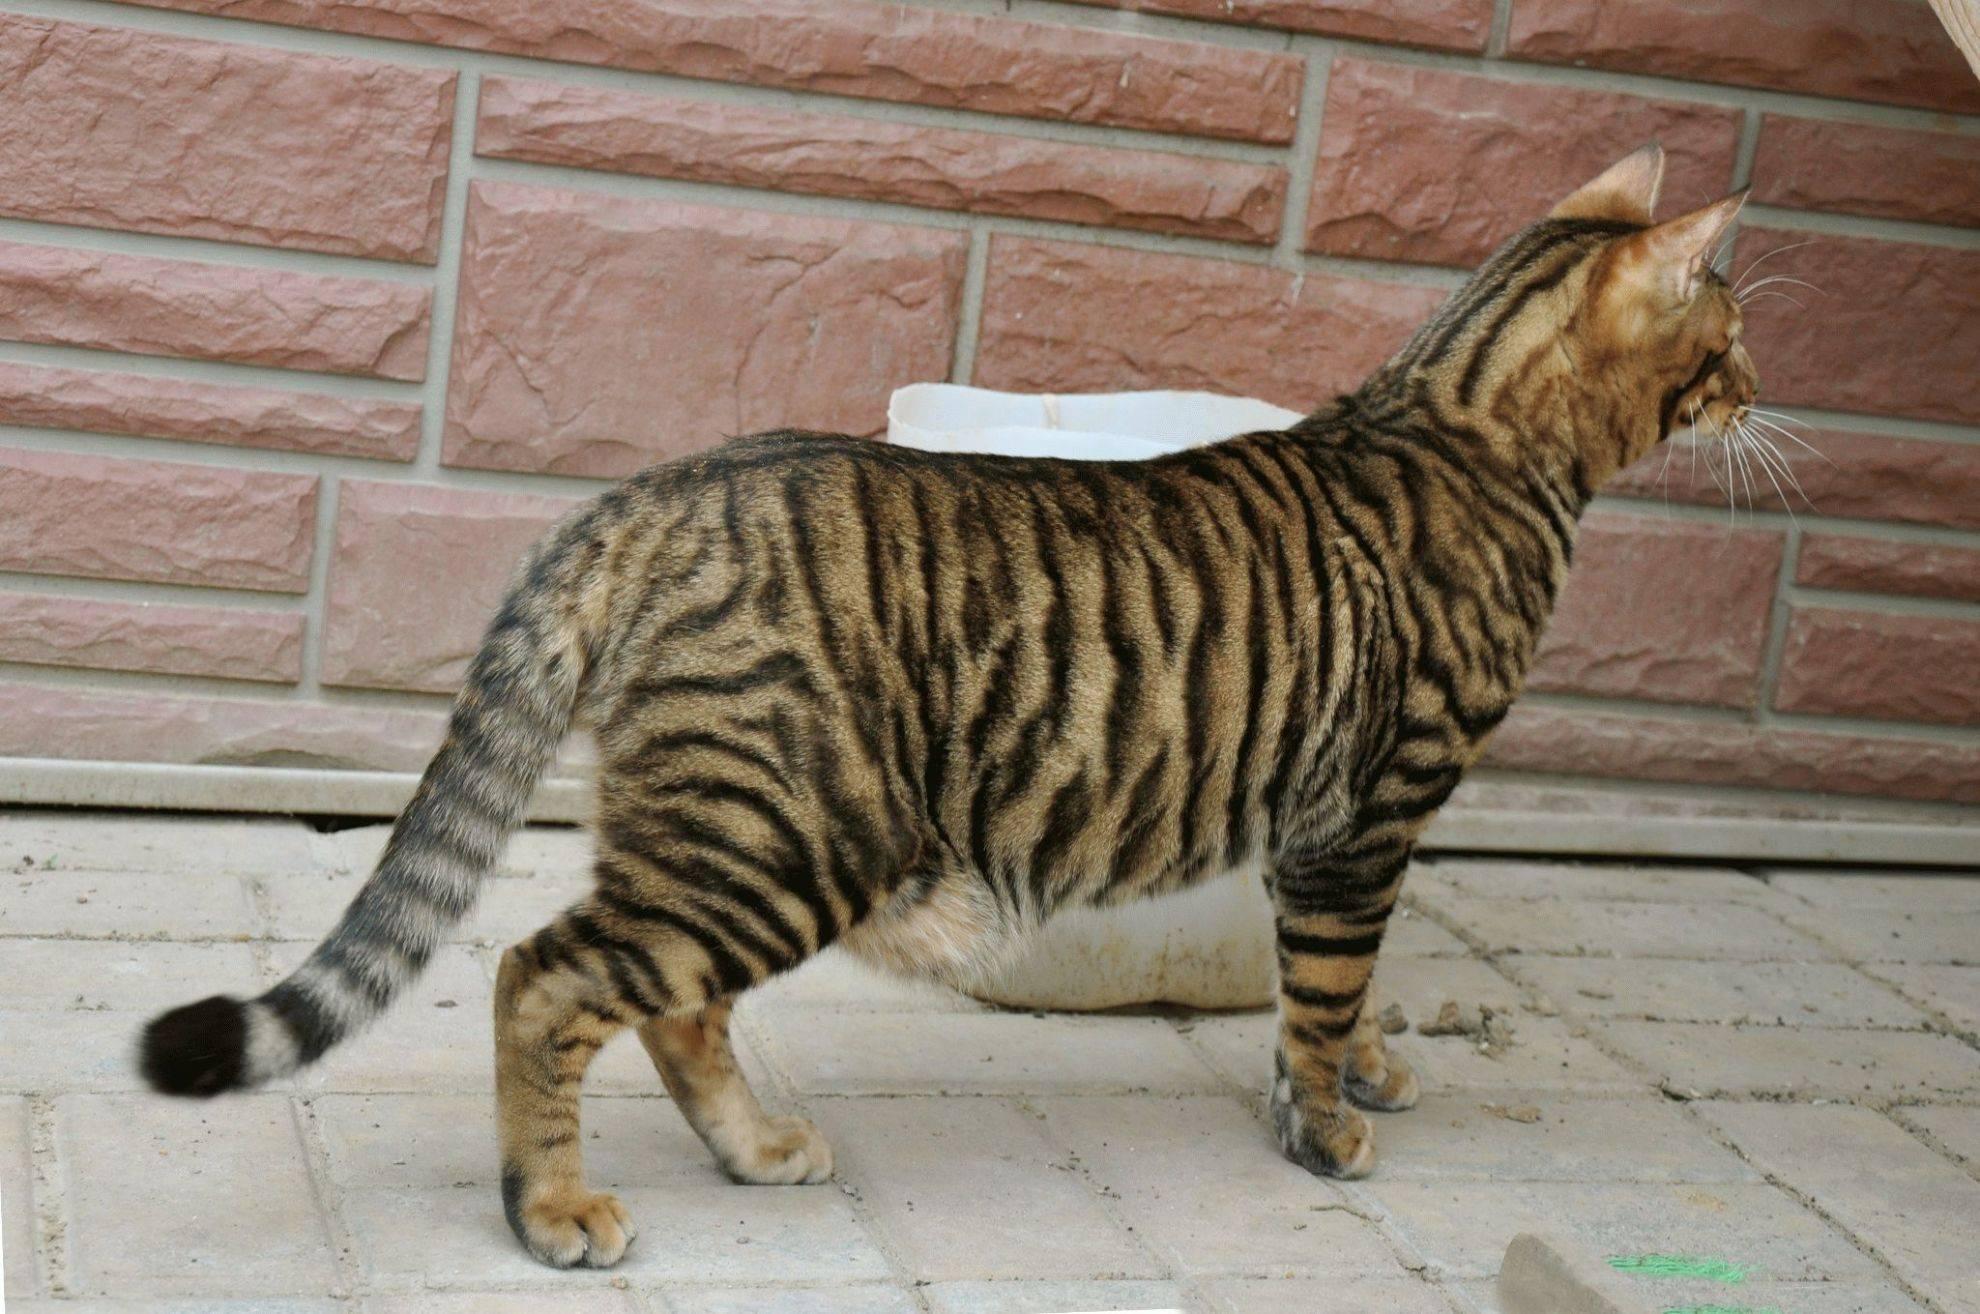 Полосатый кот: породы кошек в полоску, фото и названия полосатиков